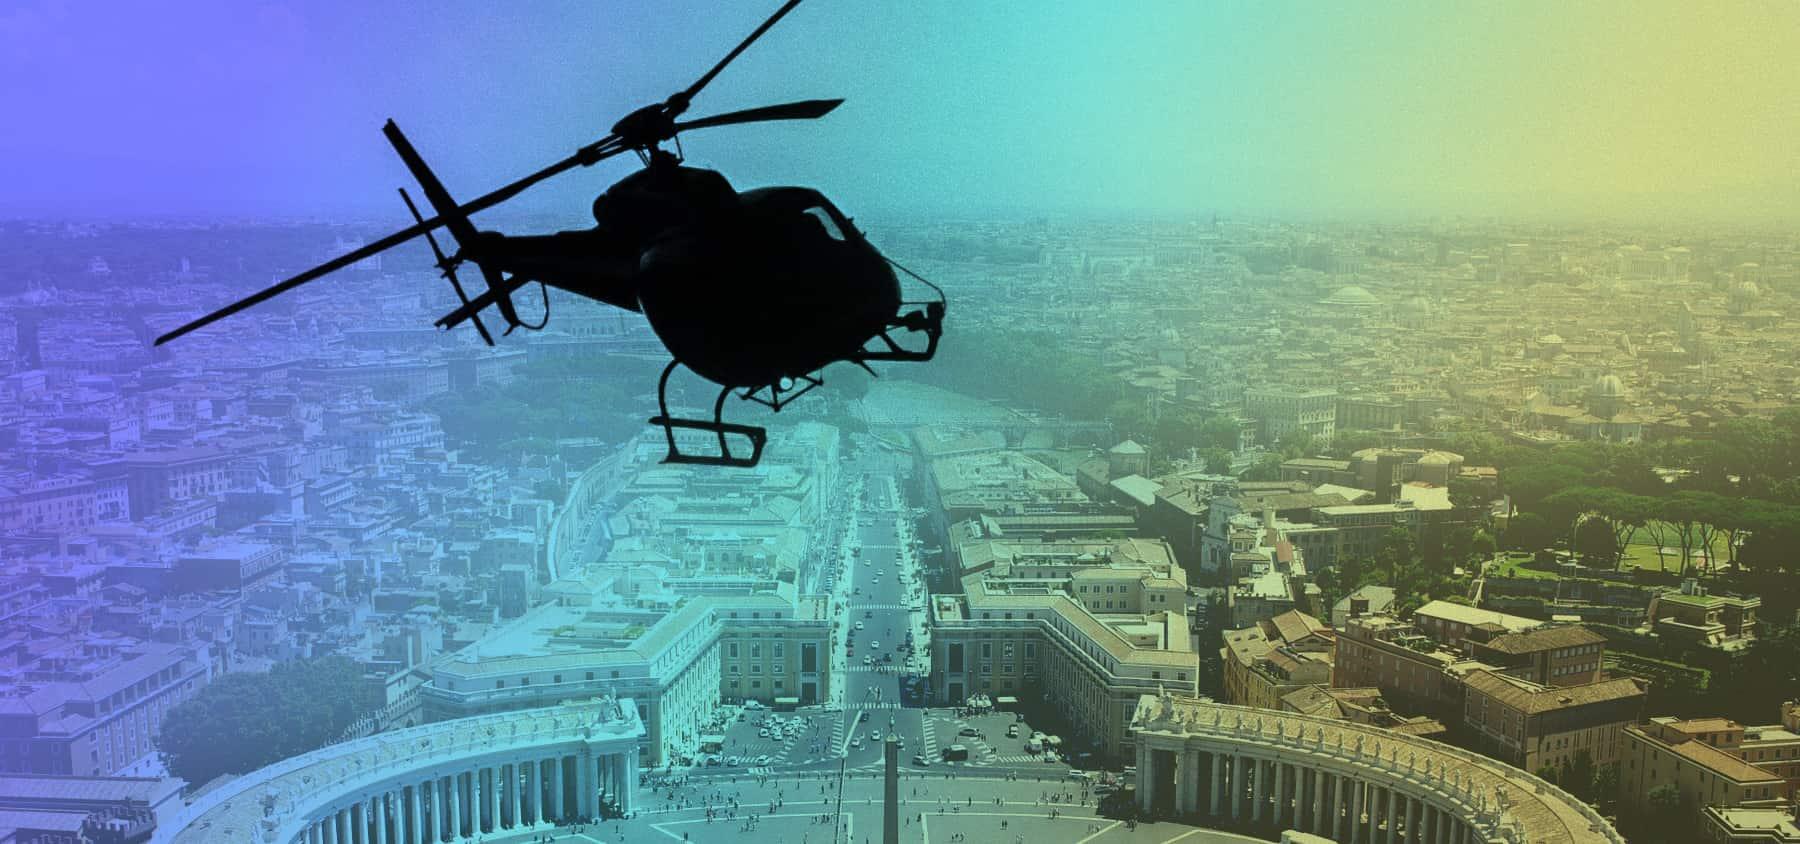 immagine per volare sopra roma